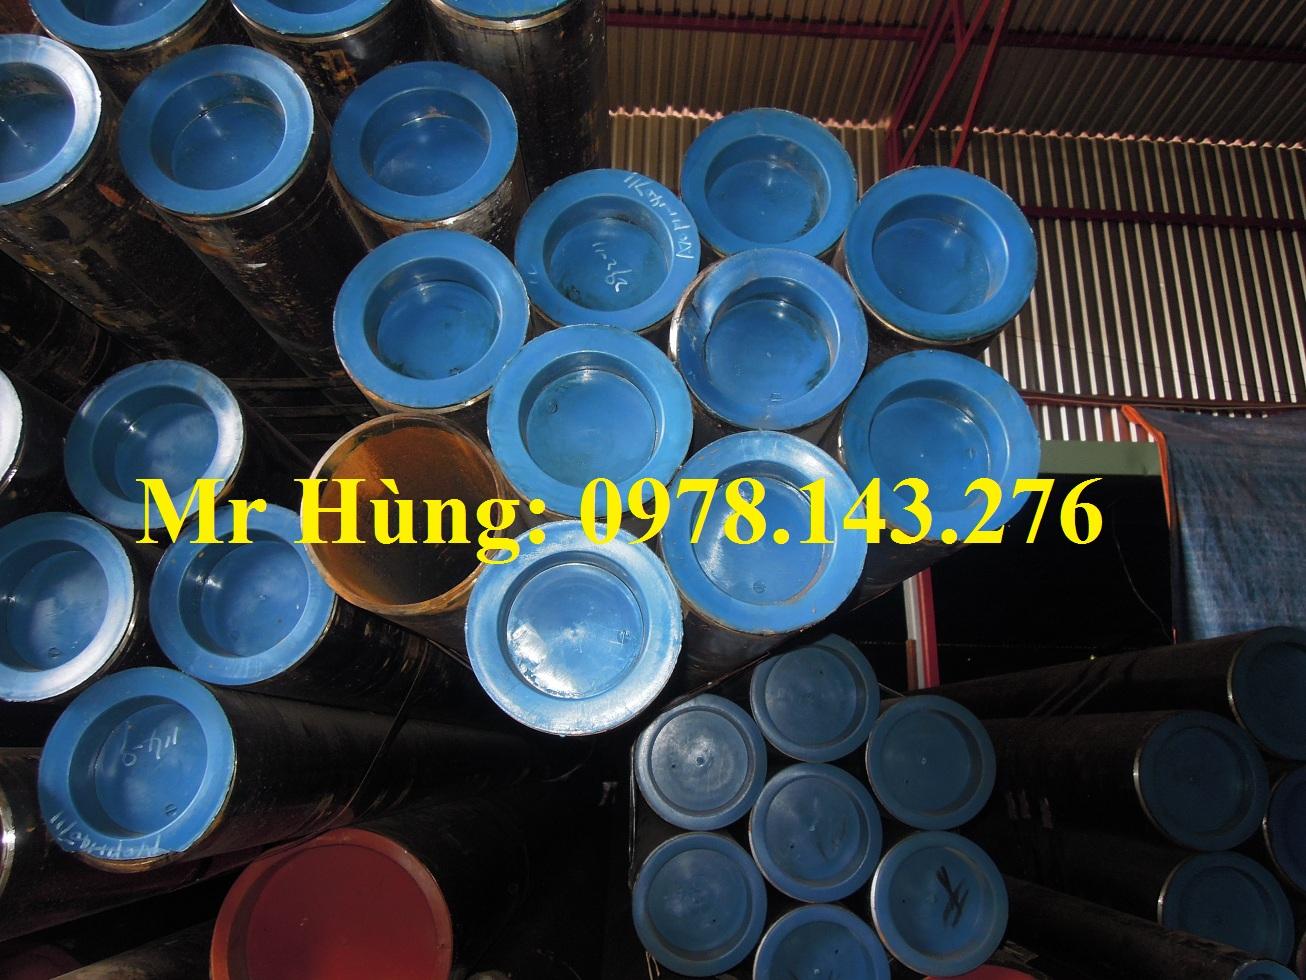 BA53.Thép ống đúc phi 168 dn150, ống thép đen phi 273, phi 325 dn300.